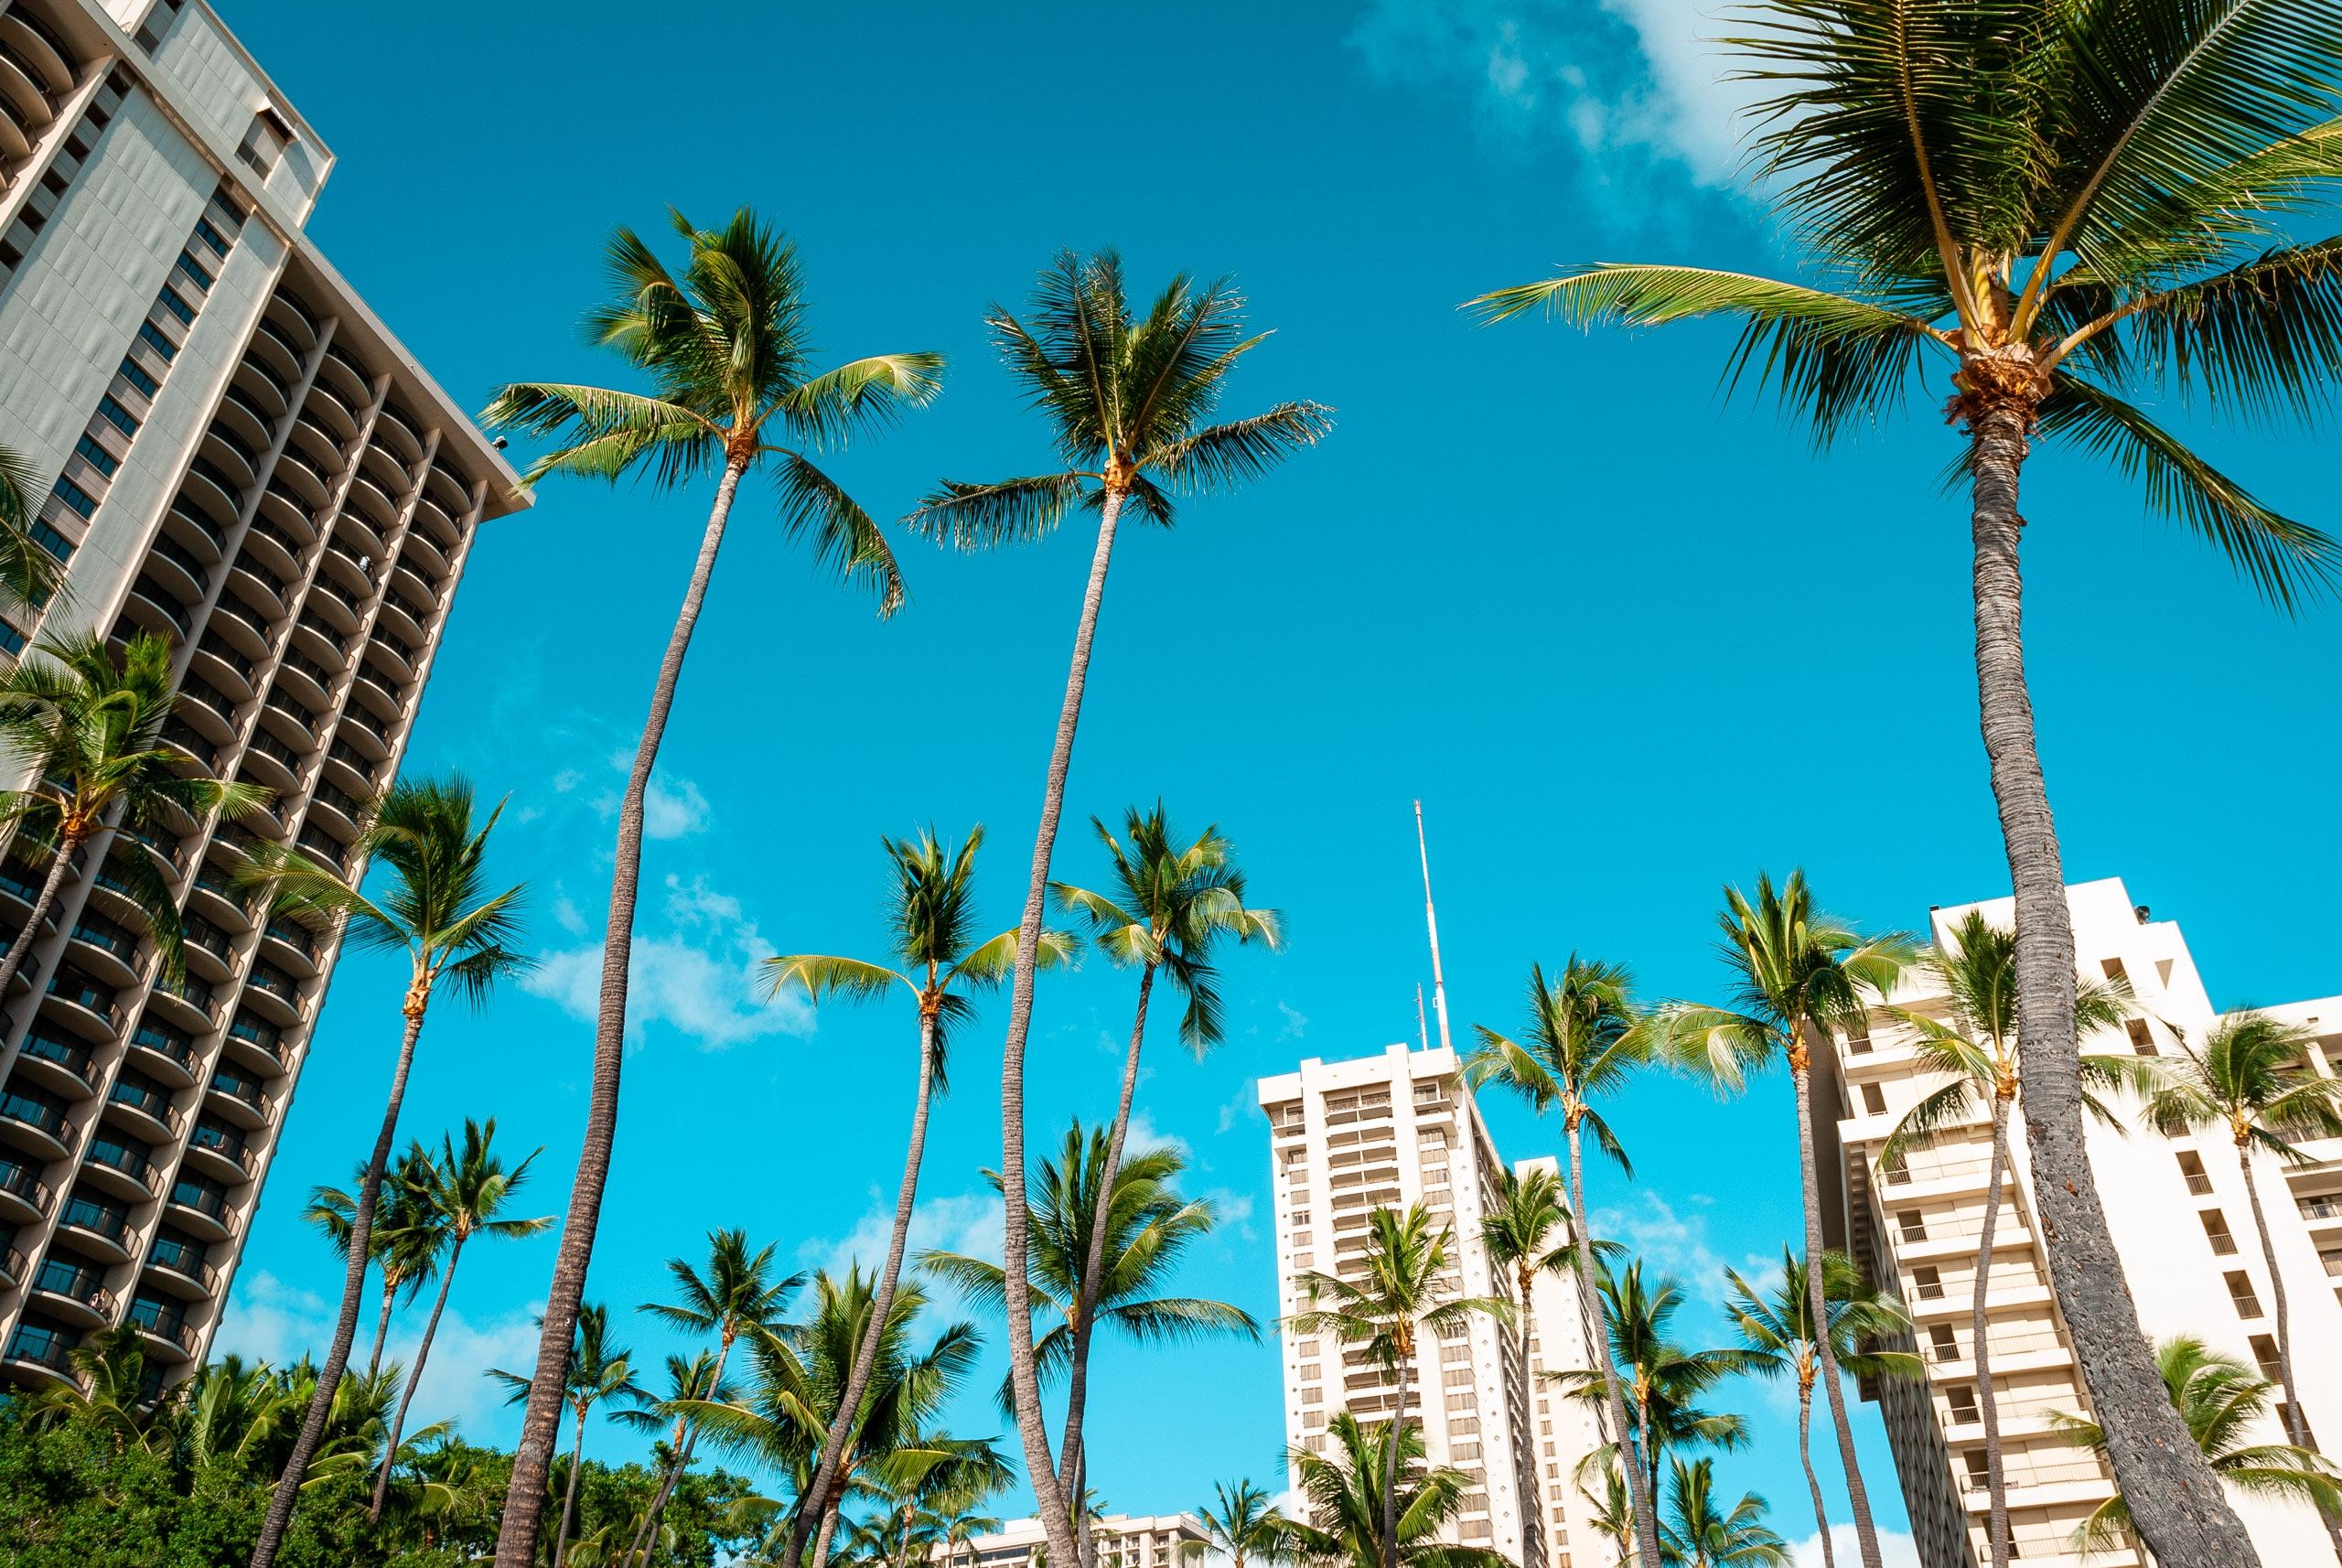 The Hilton Hawaiian Village in Waikiki